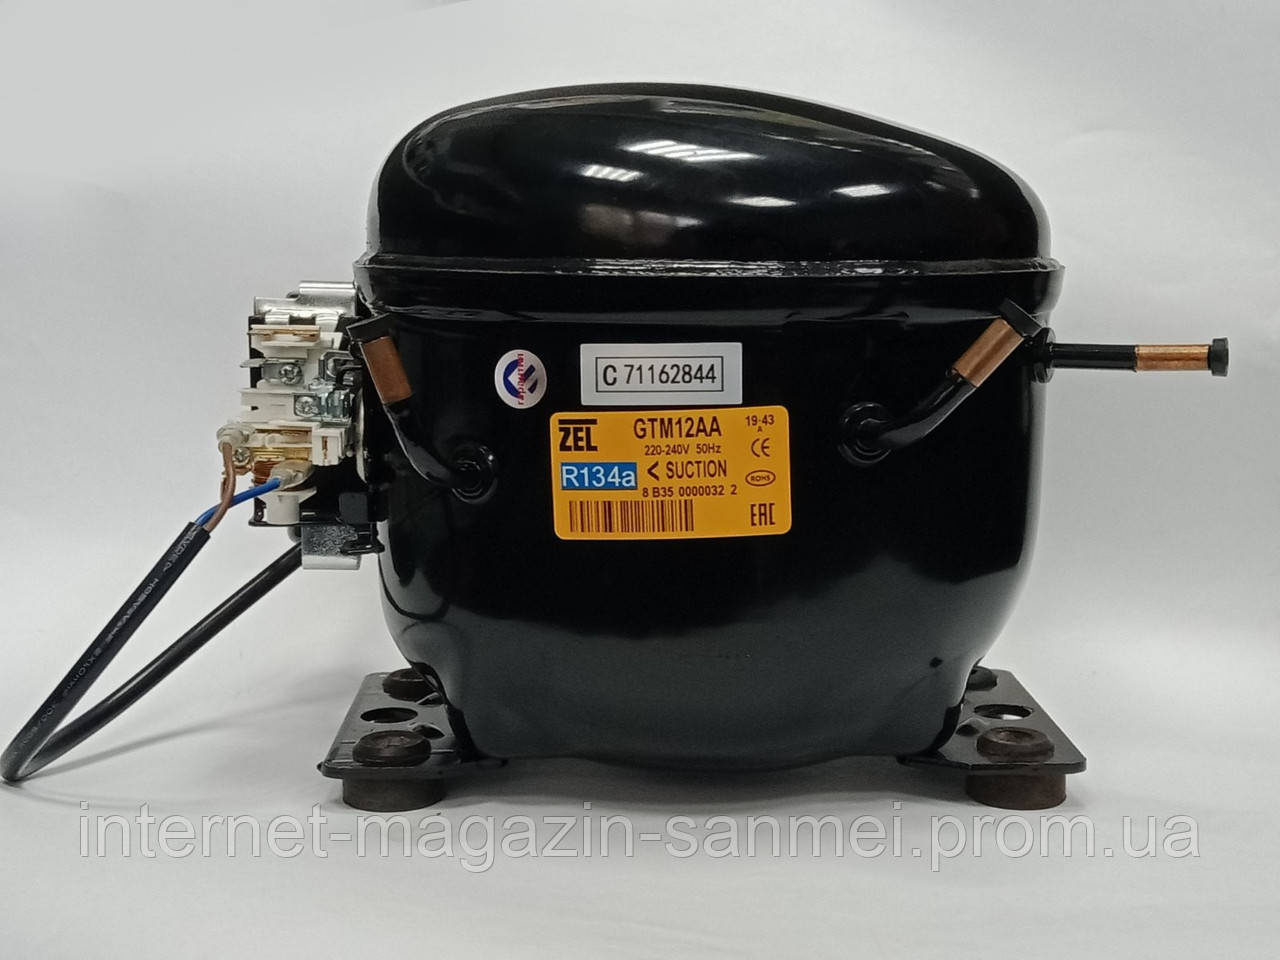 Компрессор Zanussi ZEL GTM12AA  ( R134a 320Вт)